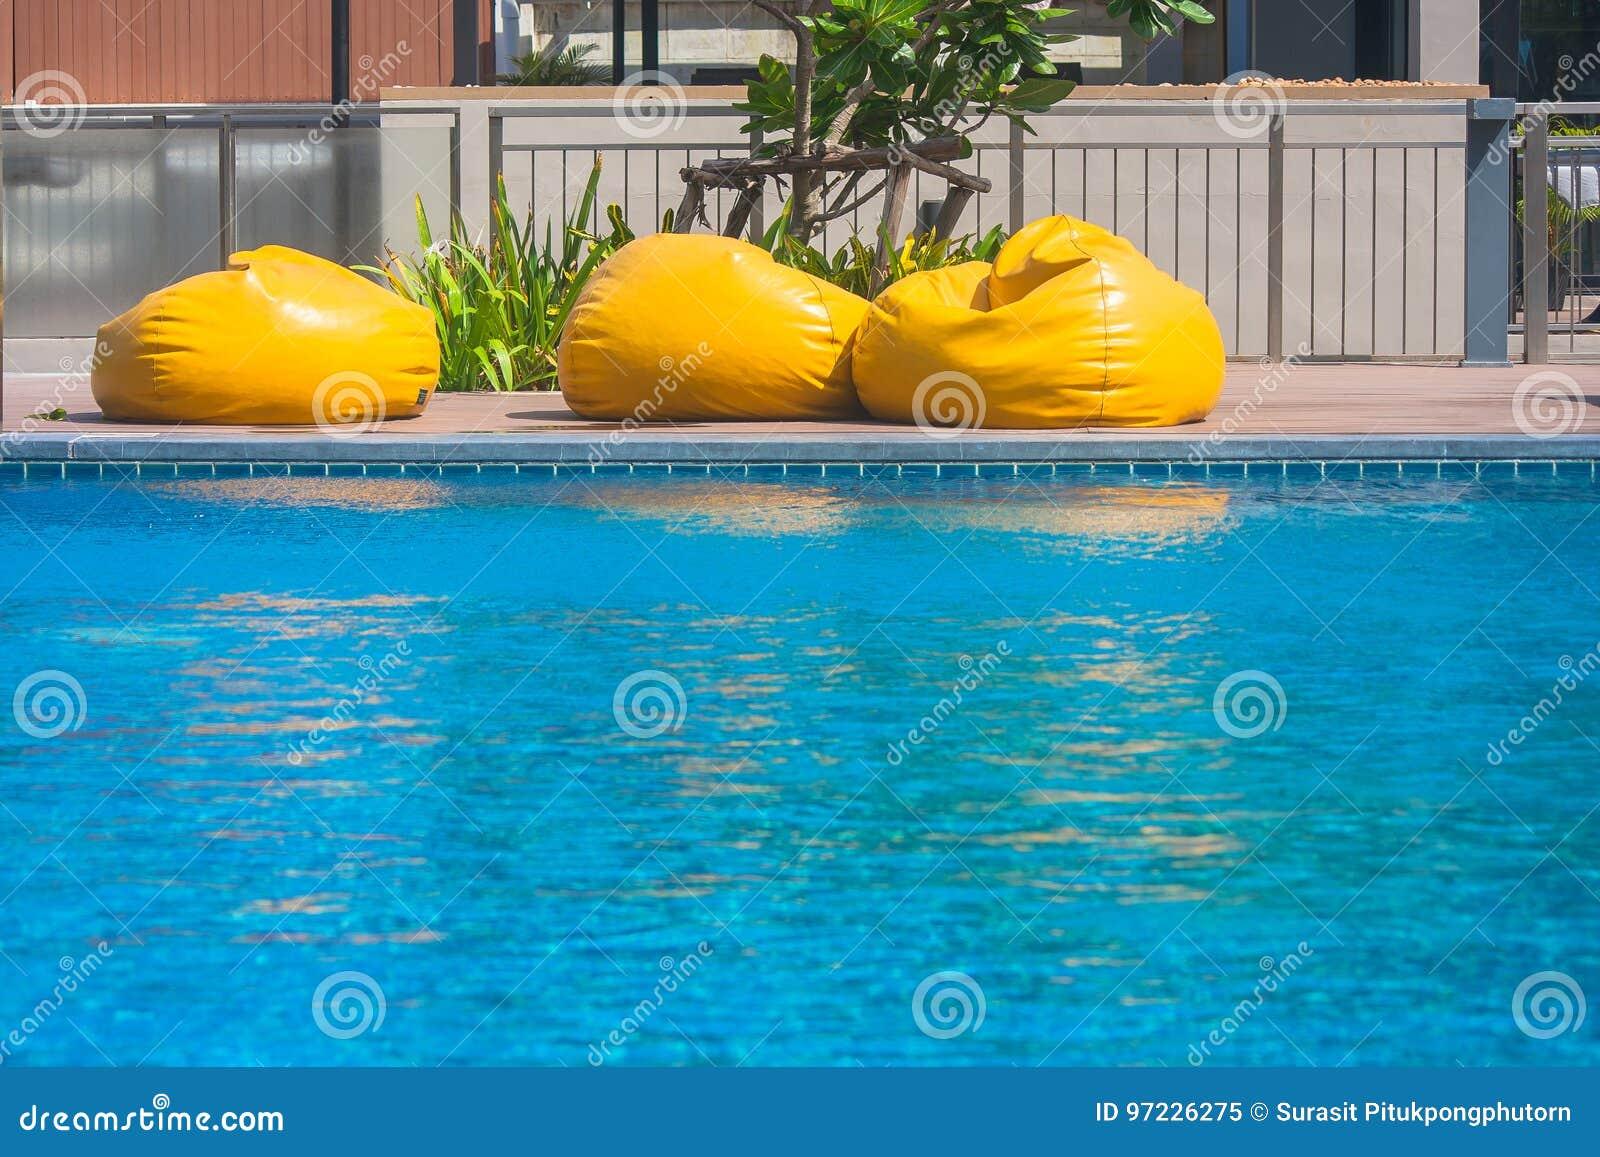 εικόνα του φίλτρου πισίνας όνομα οθόνης για dating ιστοσελίδα